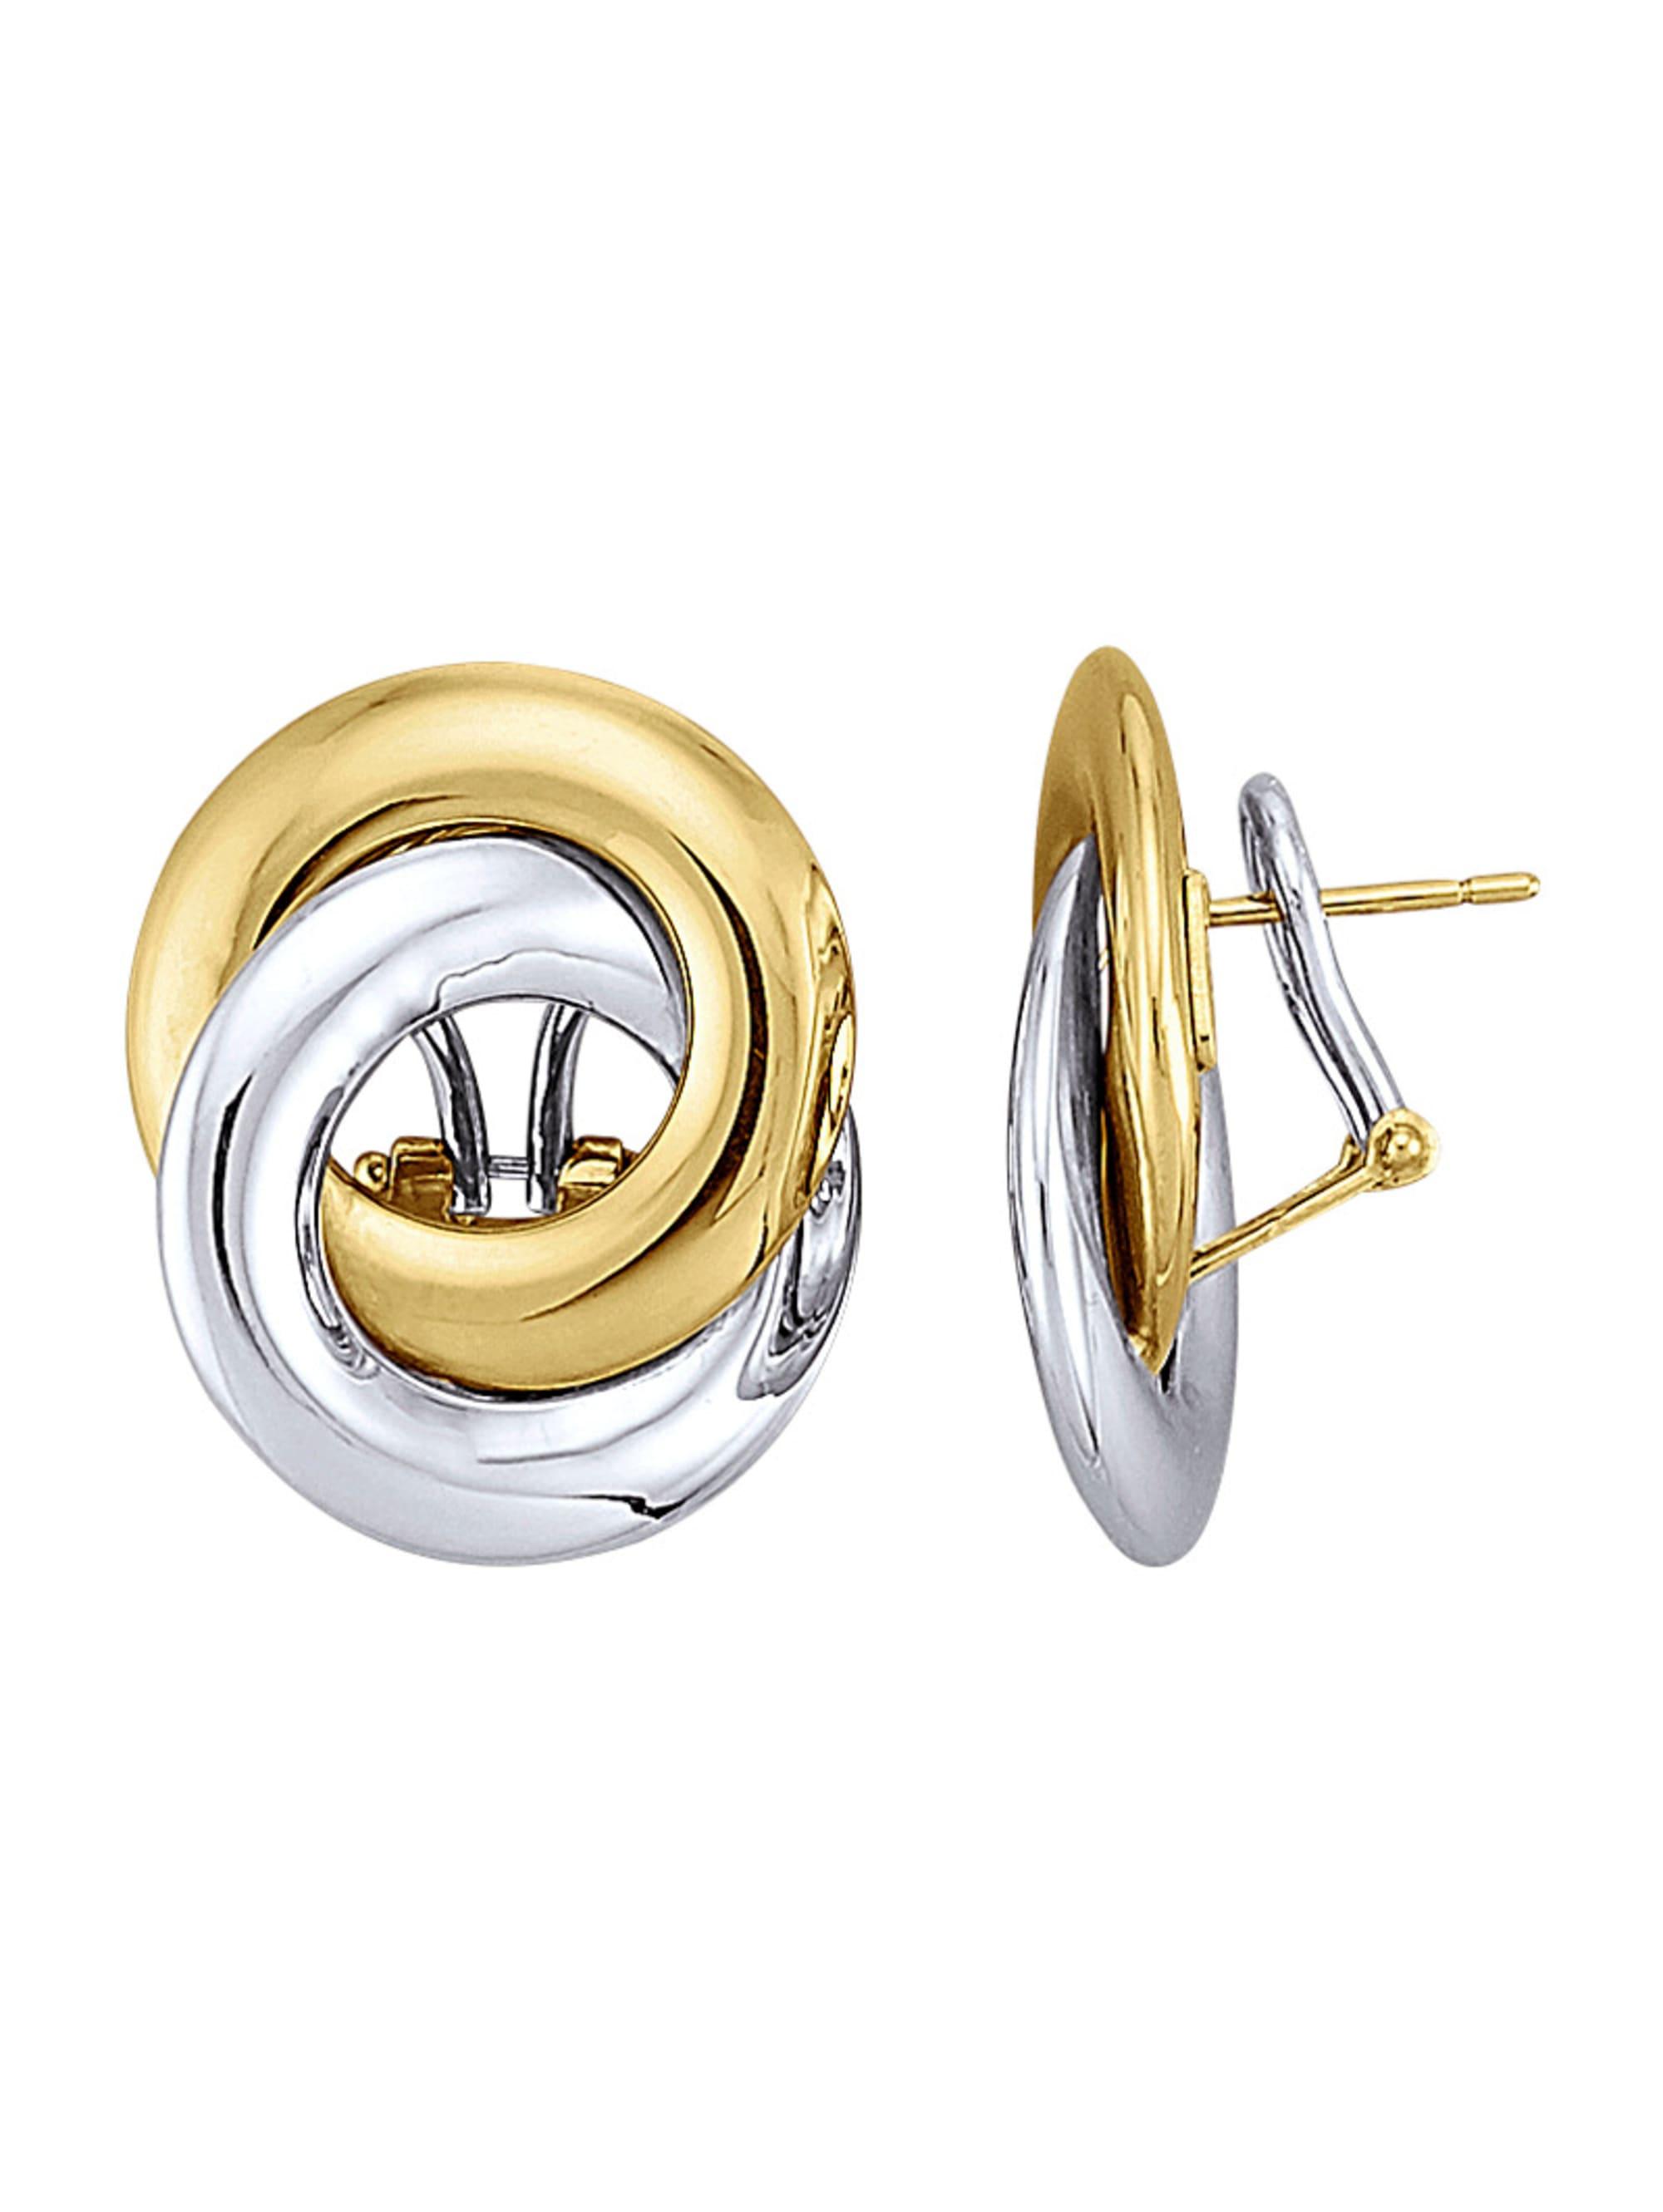 Diemer Gold Ohrstecker in Gelbgold 585 apDur